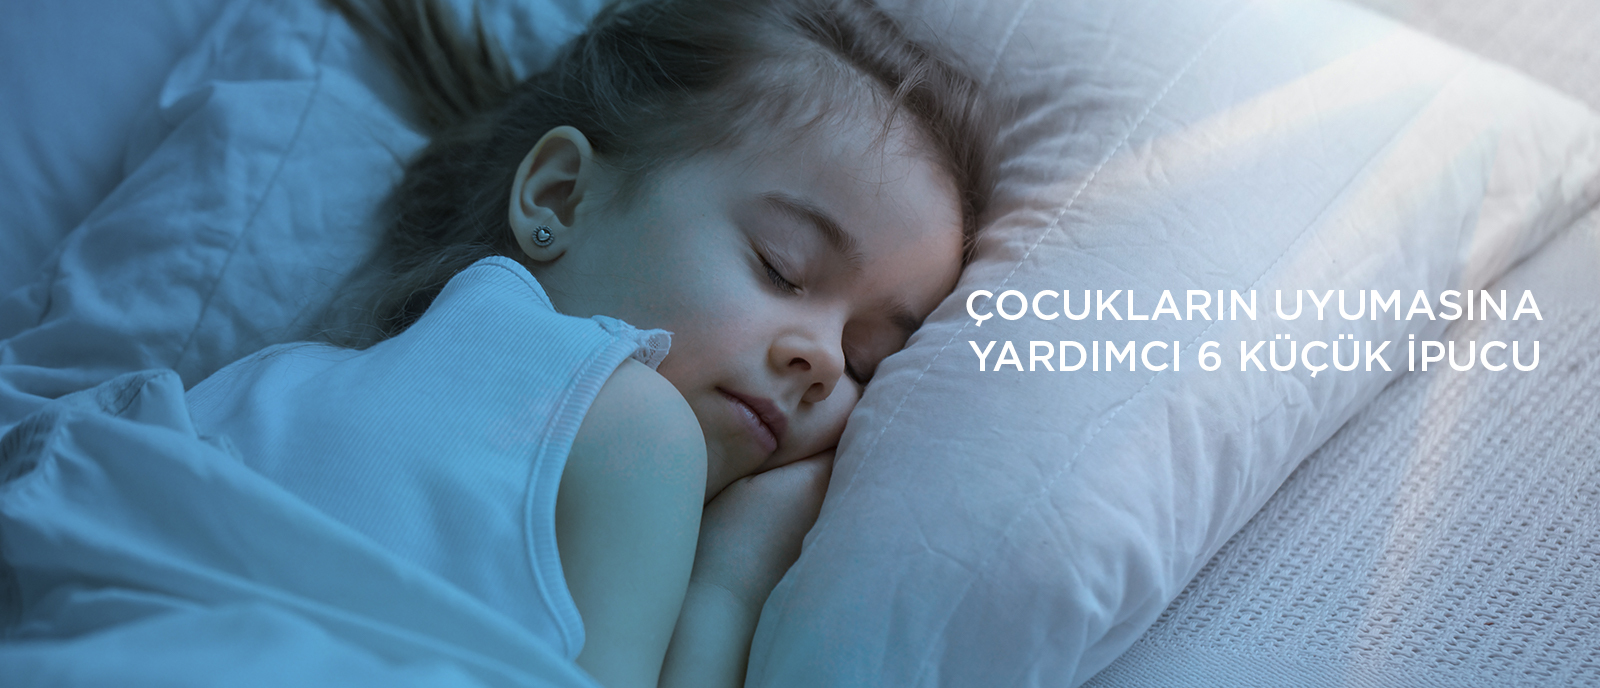 Çocukların Uyumasına Yardımcı 6 küçük İpucu